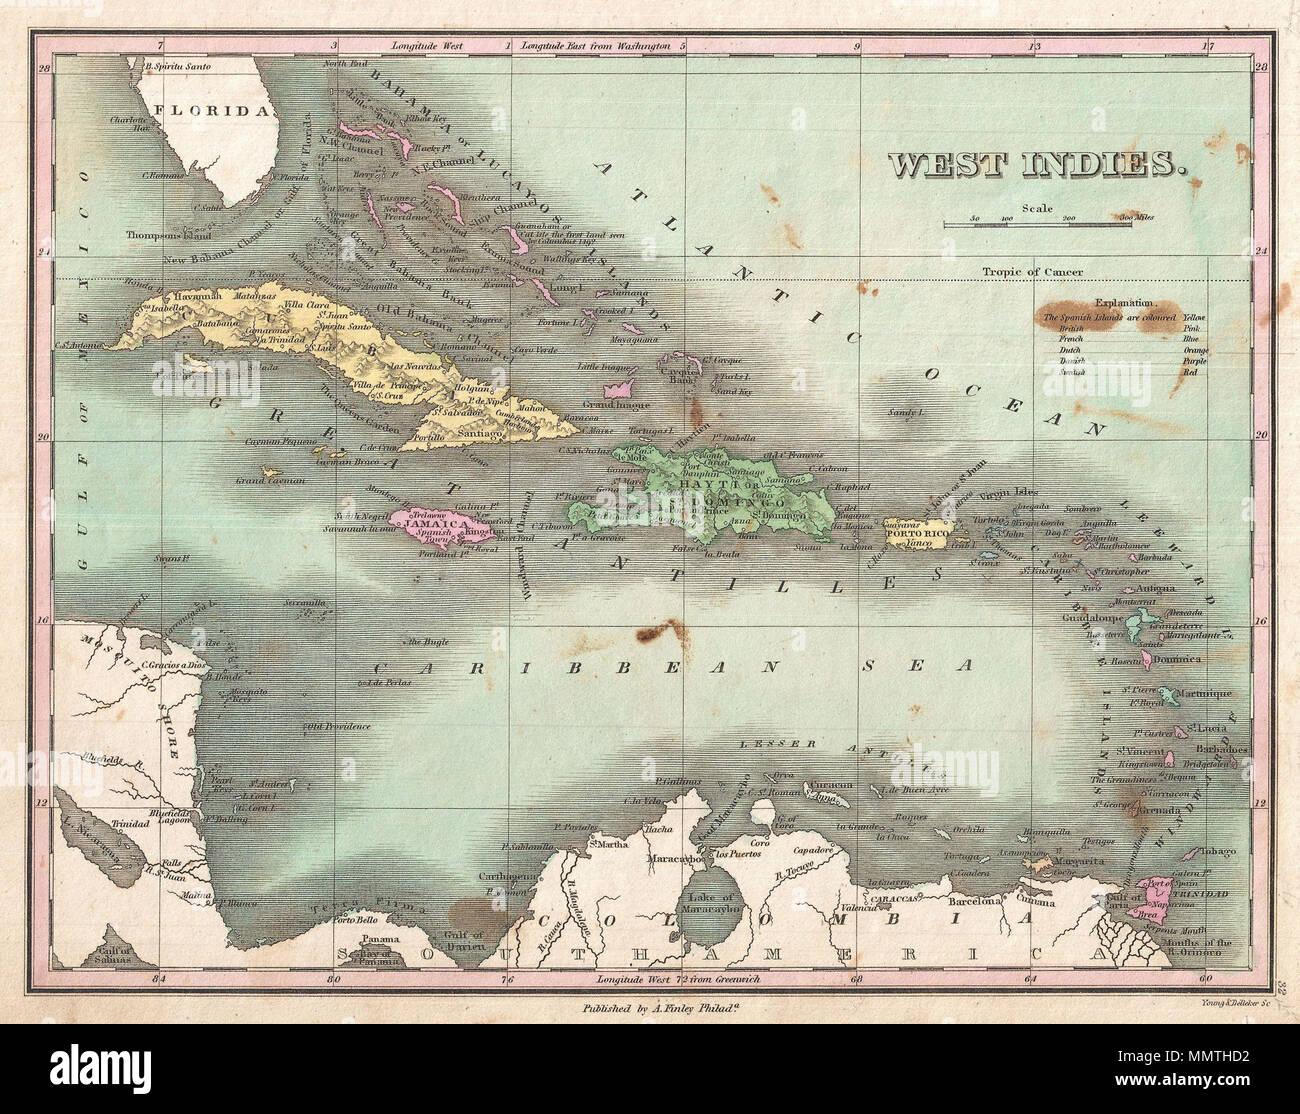 . Anglais: c'est souhaitable de Finley 1827 site des Antilles et des Caraïbes. Montre la plus grande et Petites Antilles, ainsi que les Bahamas et des parties de l'espagnol. Les îles sont des codes de couleur en fonction de leurs prestataires européens. Présente les villes, des forts, des baies, des rivières, des routes, et certaines caractéristiques topographiques. Les Bahamas, il Guanaham ou Finley identifie l'île Cat, le premier terrain dans le Nord d'être aperçue par Christophe Colomb. Mille balances et titre en quadrant supérieur droit. Gravée par les jeunes et pour l'édition 1827 Delleker de Anthony Finley's Atlas général . Antilles.. 1827 (sans date). 1827 F Banque D'Images